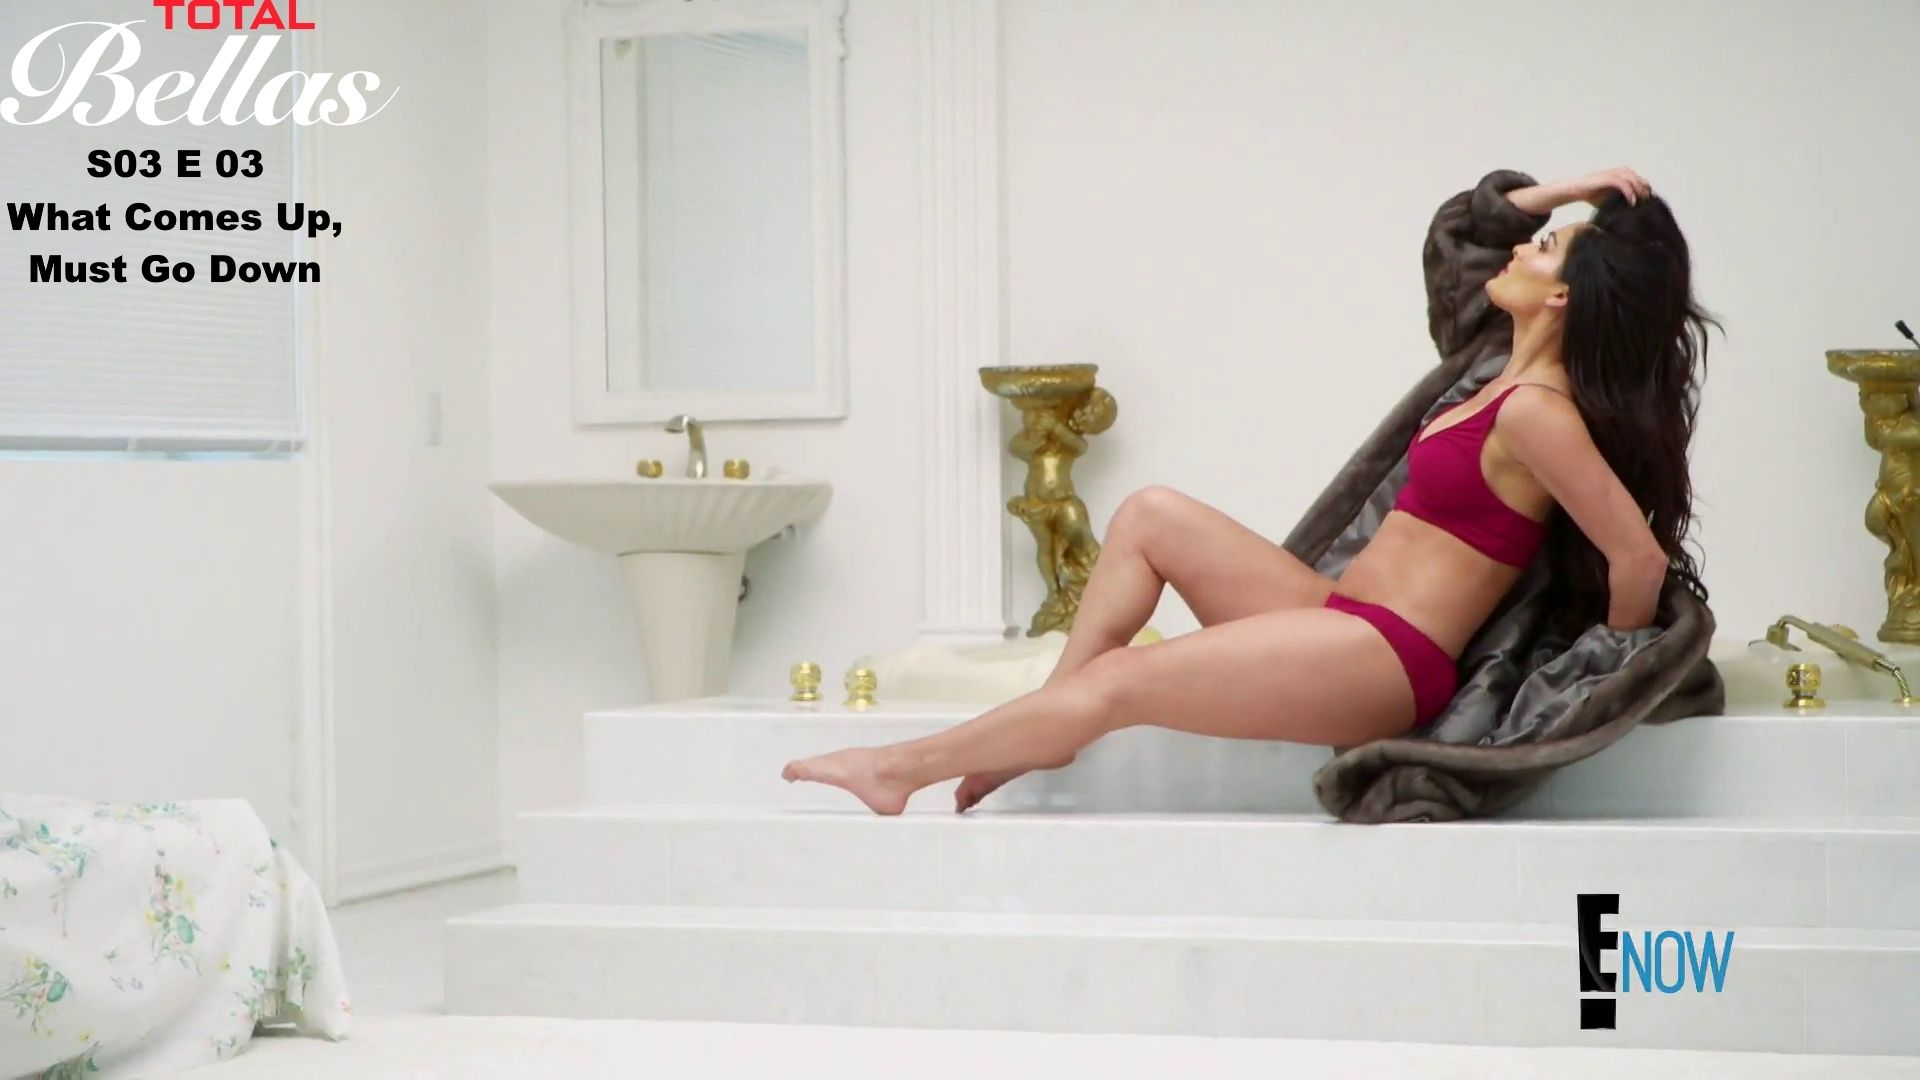 Celebrites Julia Prokopy nudes (44 foto and video), Ass, Hot, Selfie, butt 2018